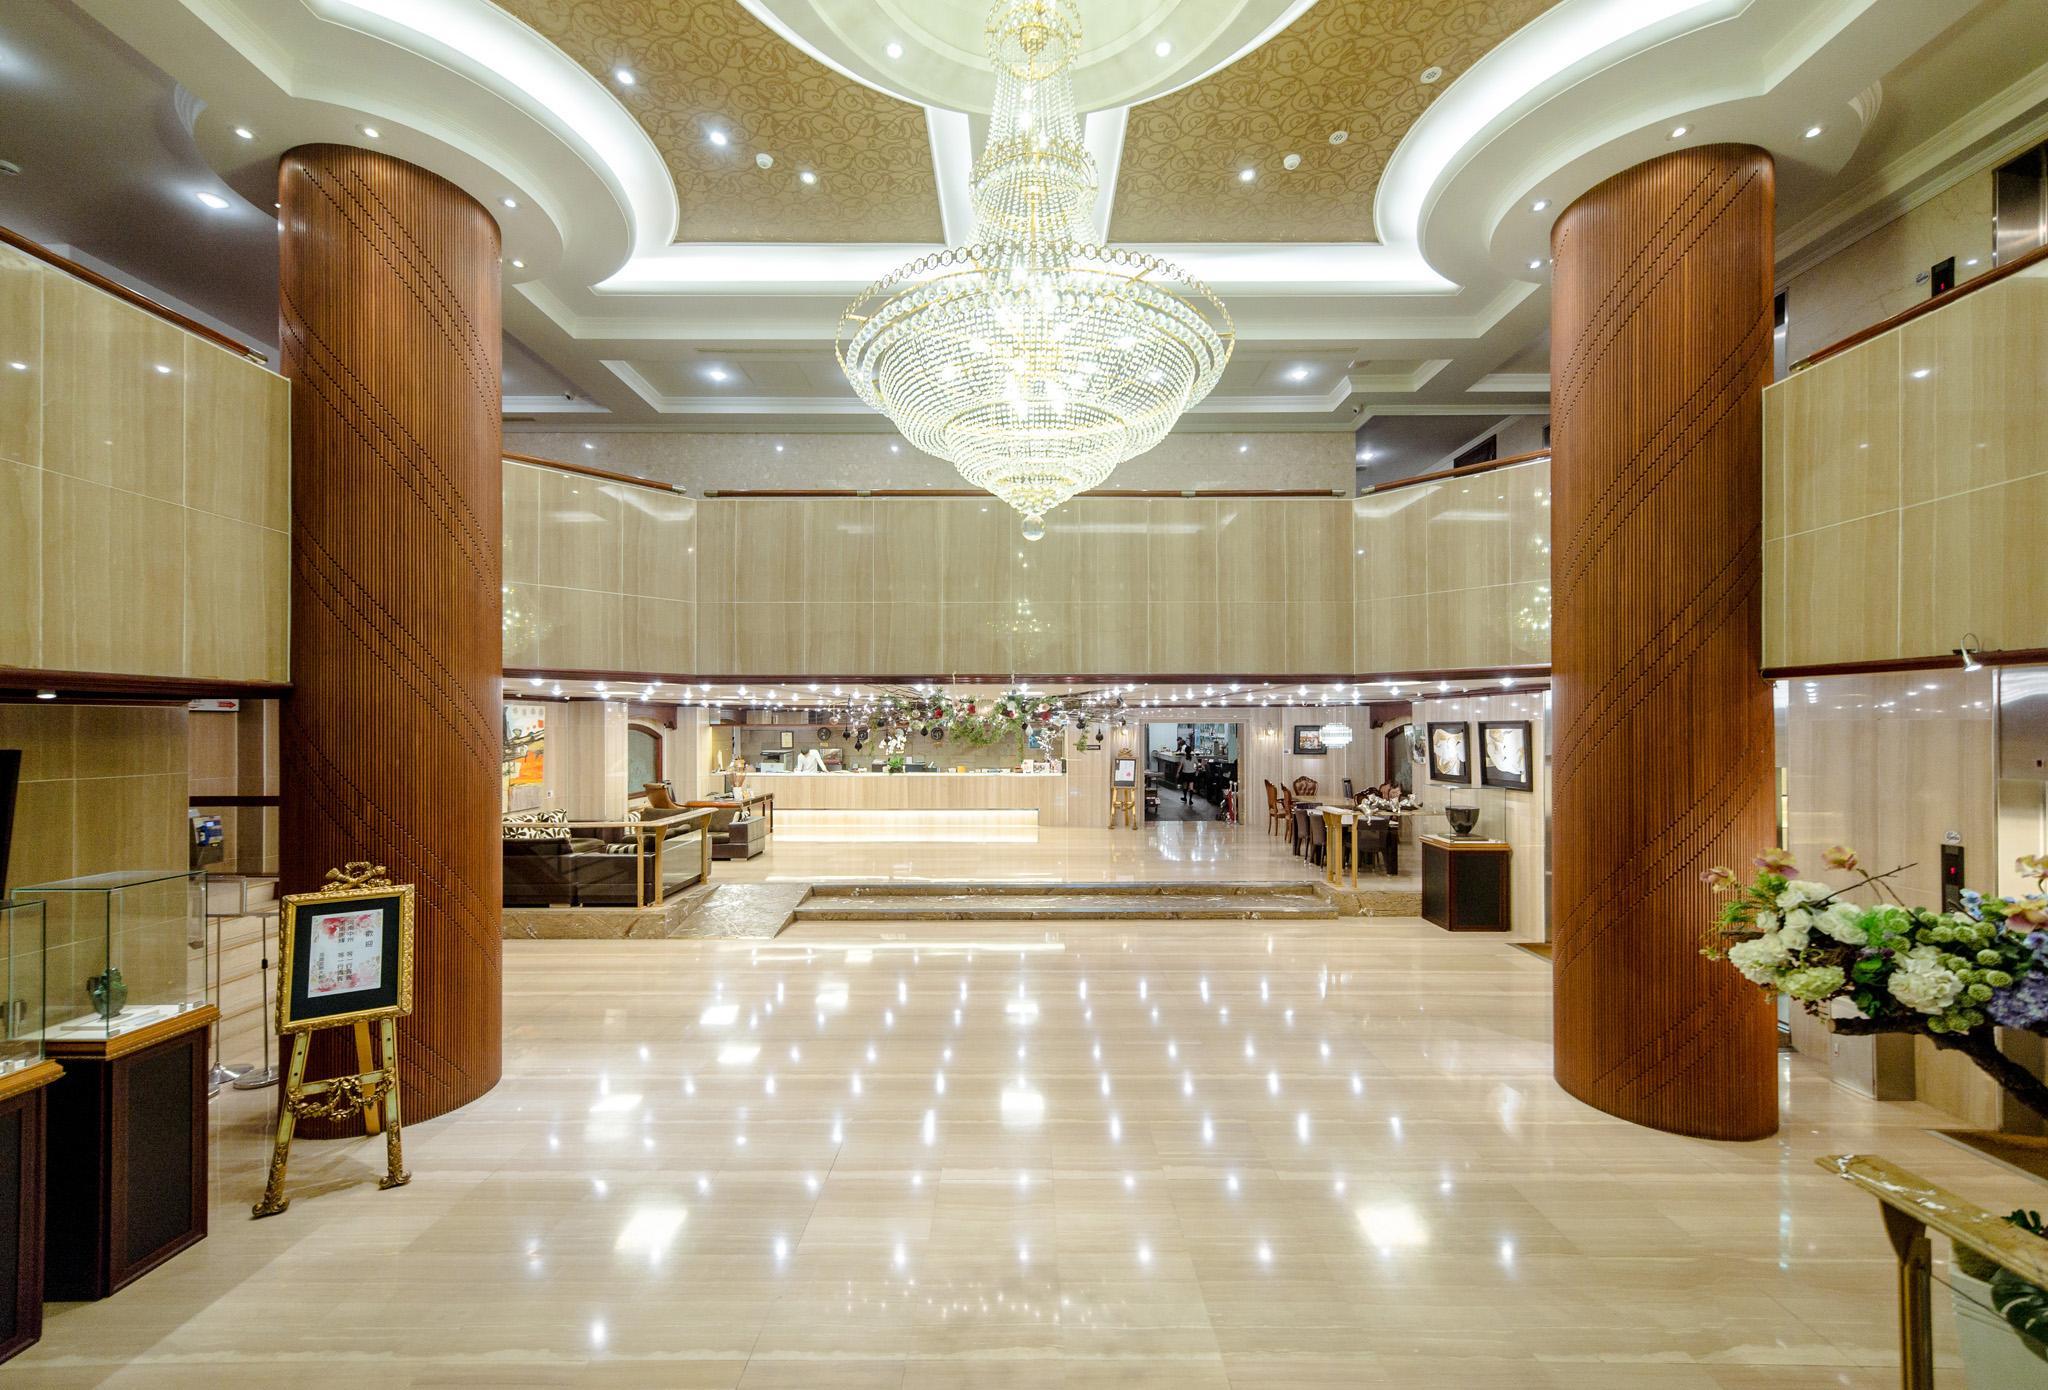 Chiayi King Hotel